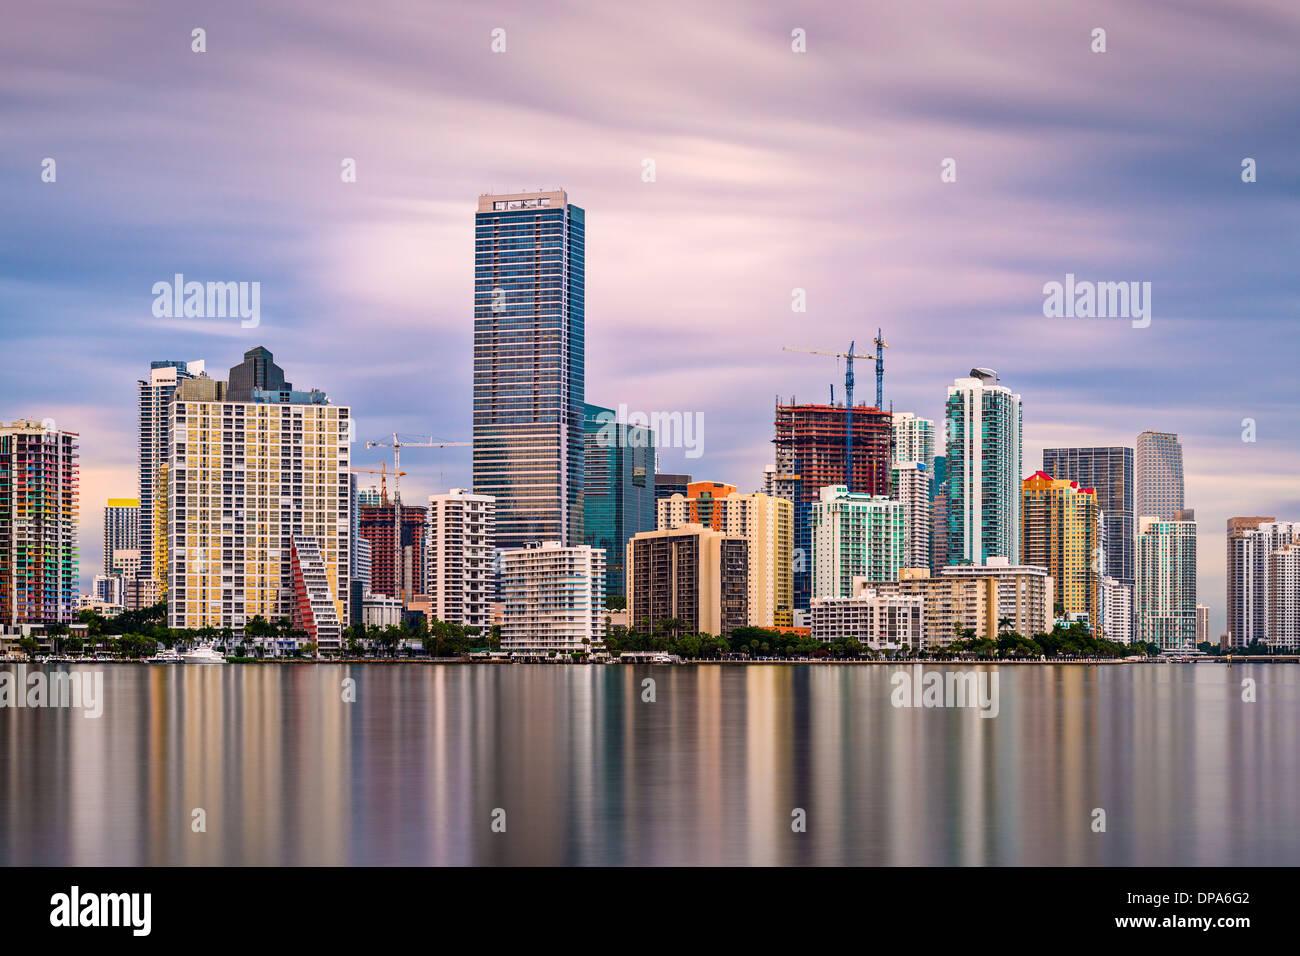 Skyline di Miami, Florida, Stati Uniti d'America. Immagini Stock